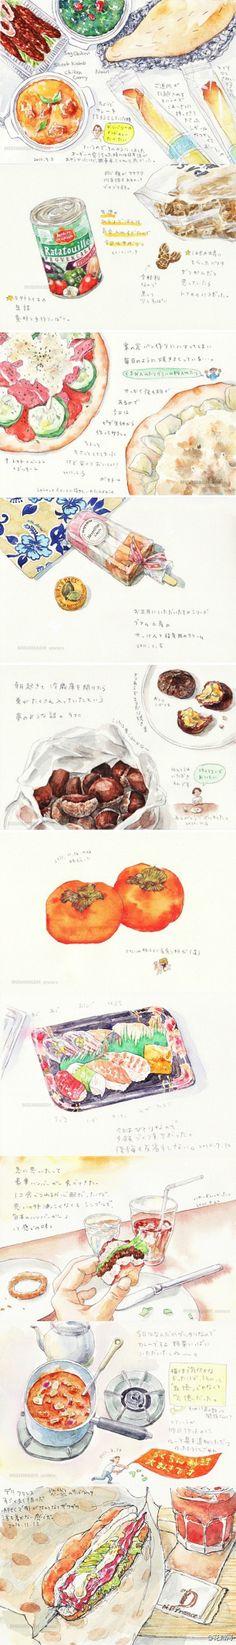 花瓣网日本画师的手绘美食日记,笔尖下的温...